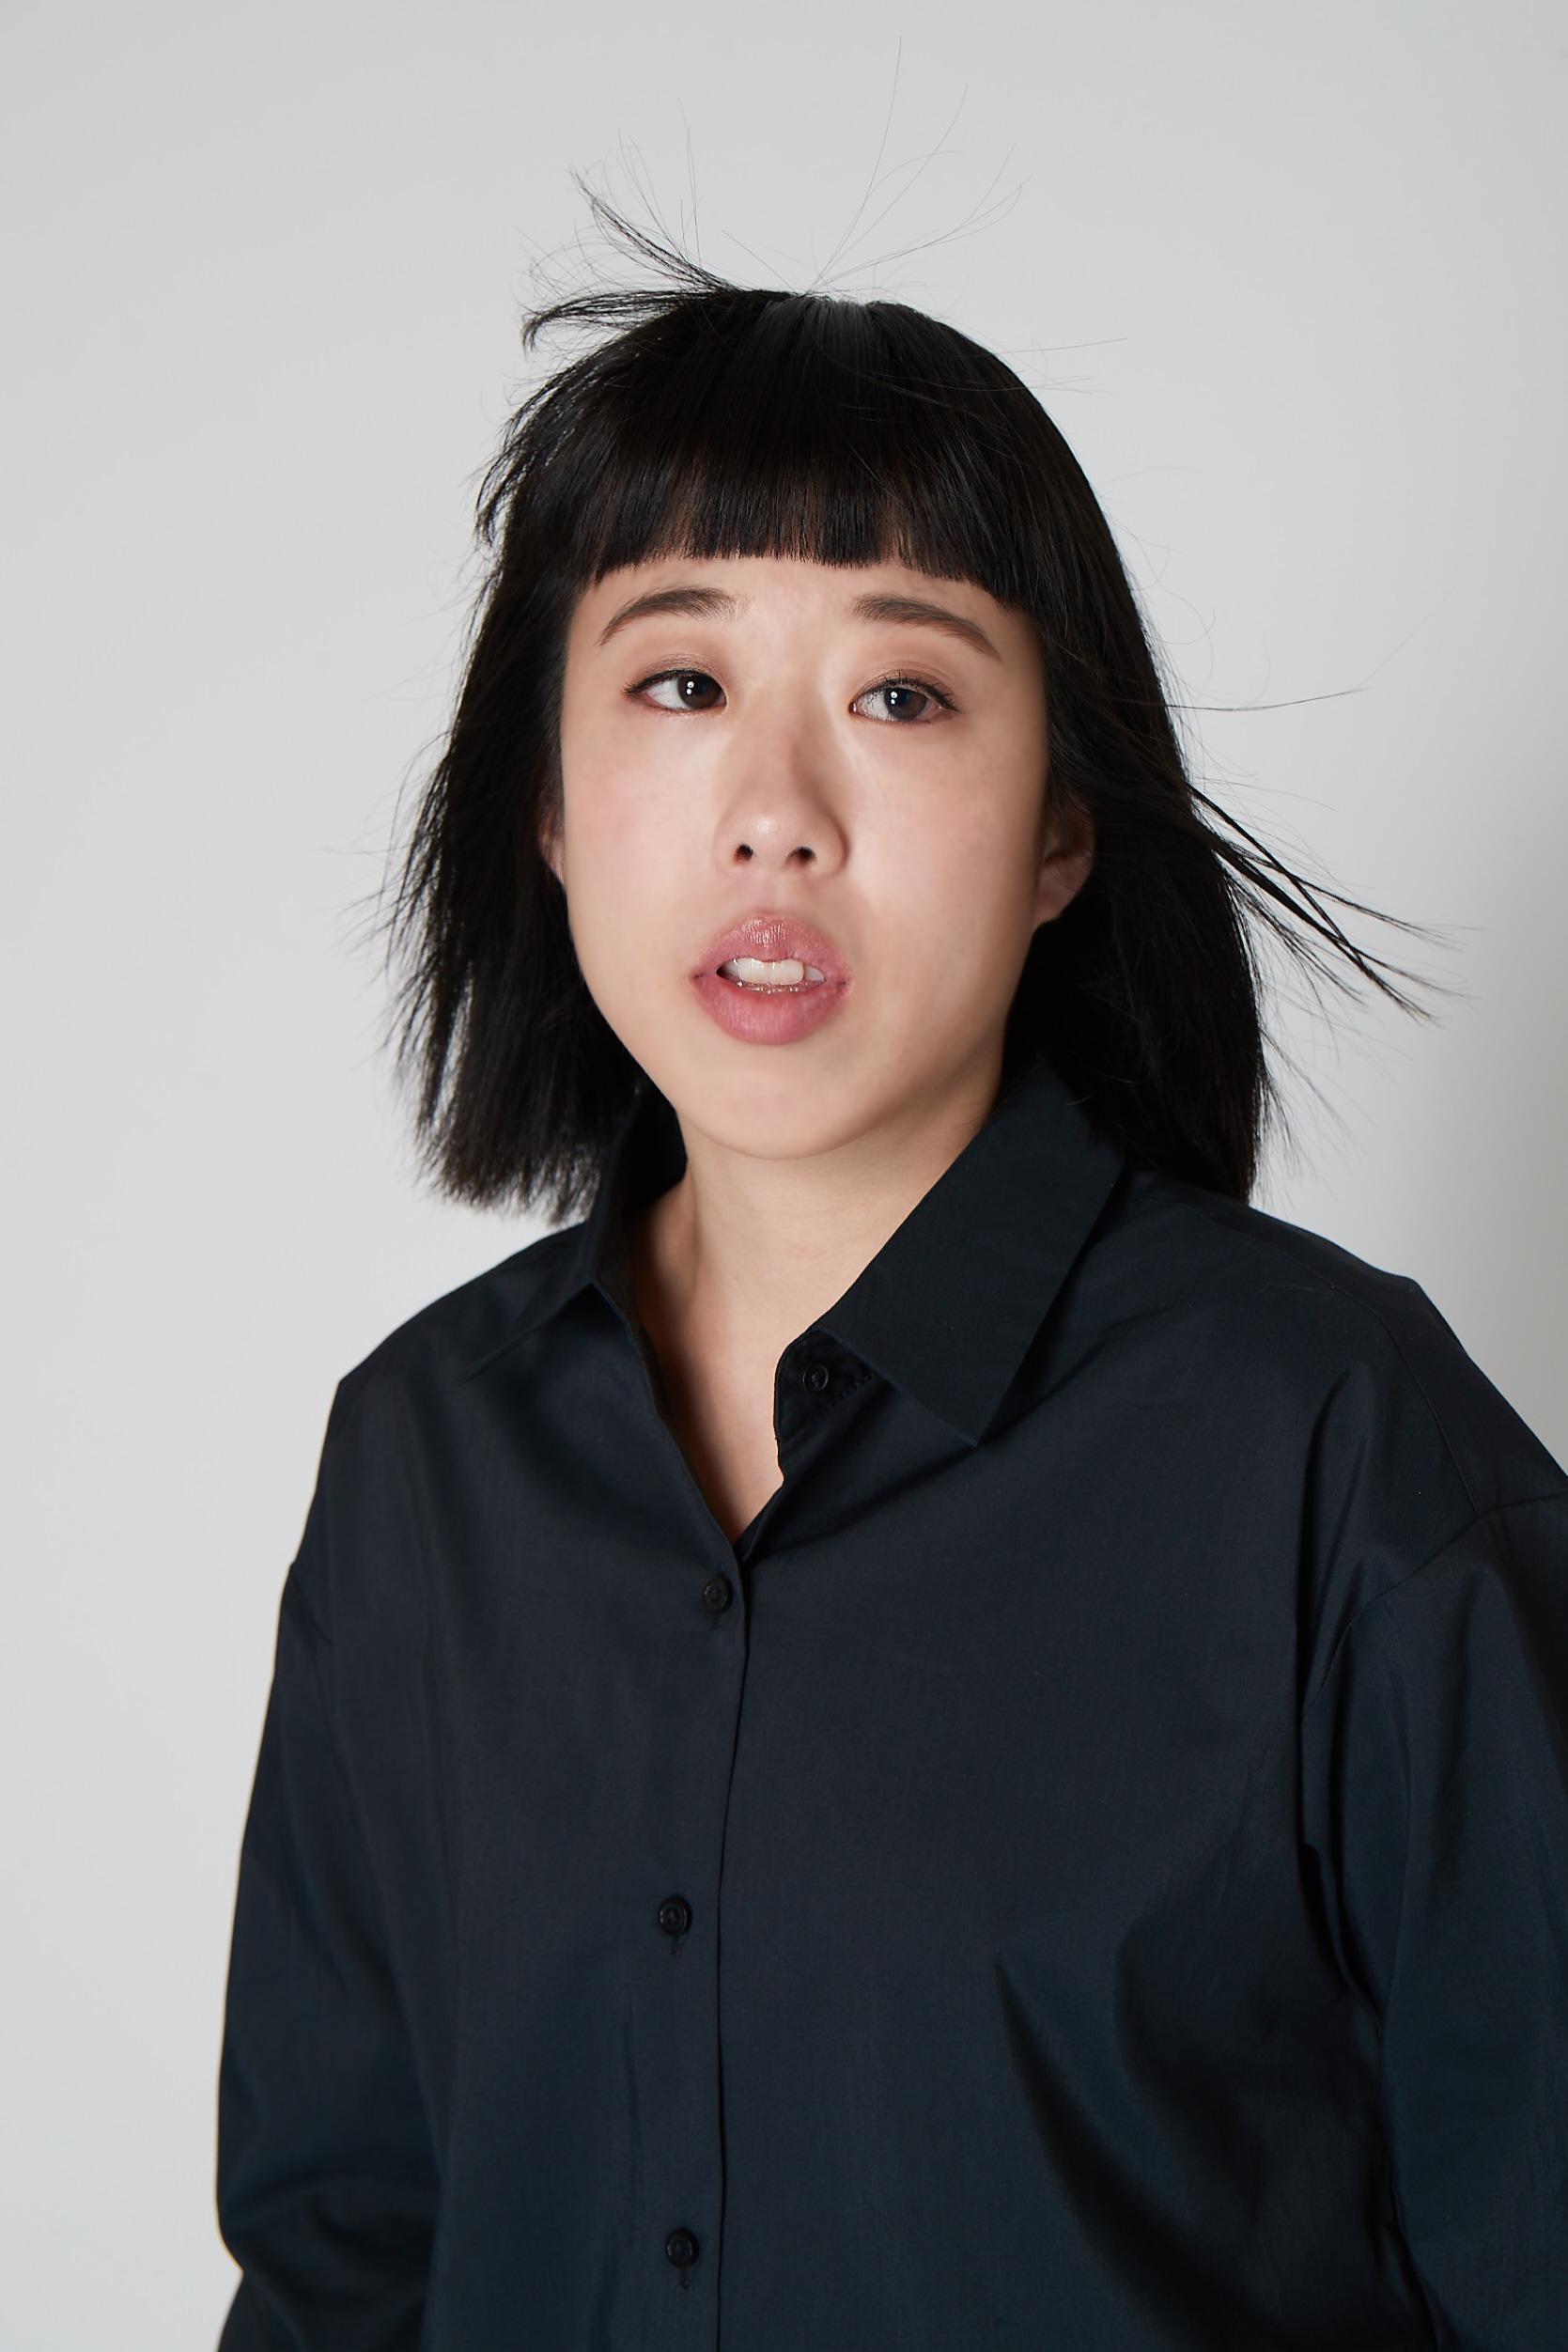 Yuuki Nishino